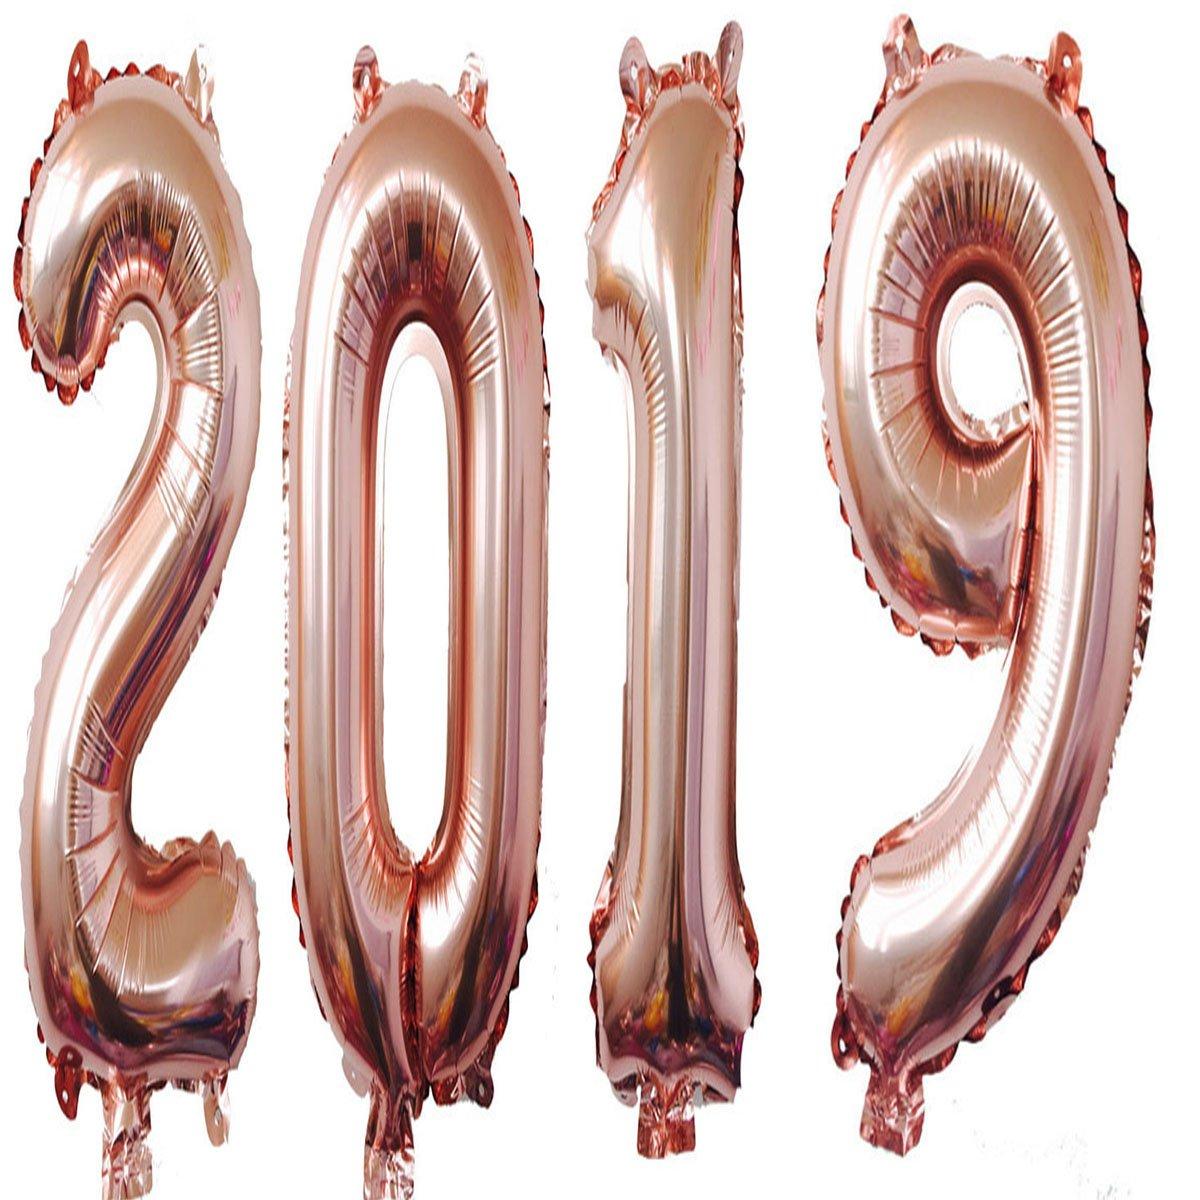 2019 Balloons 40 Inch Rose Giant Jumbo Helium Foil Mylar Balloons